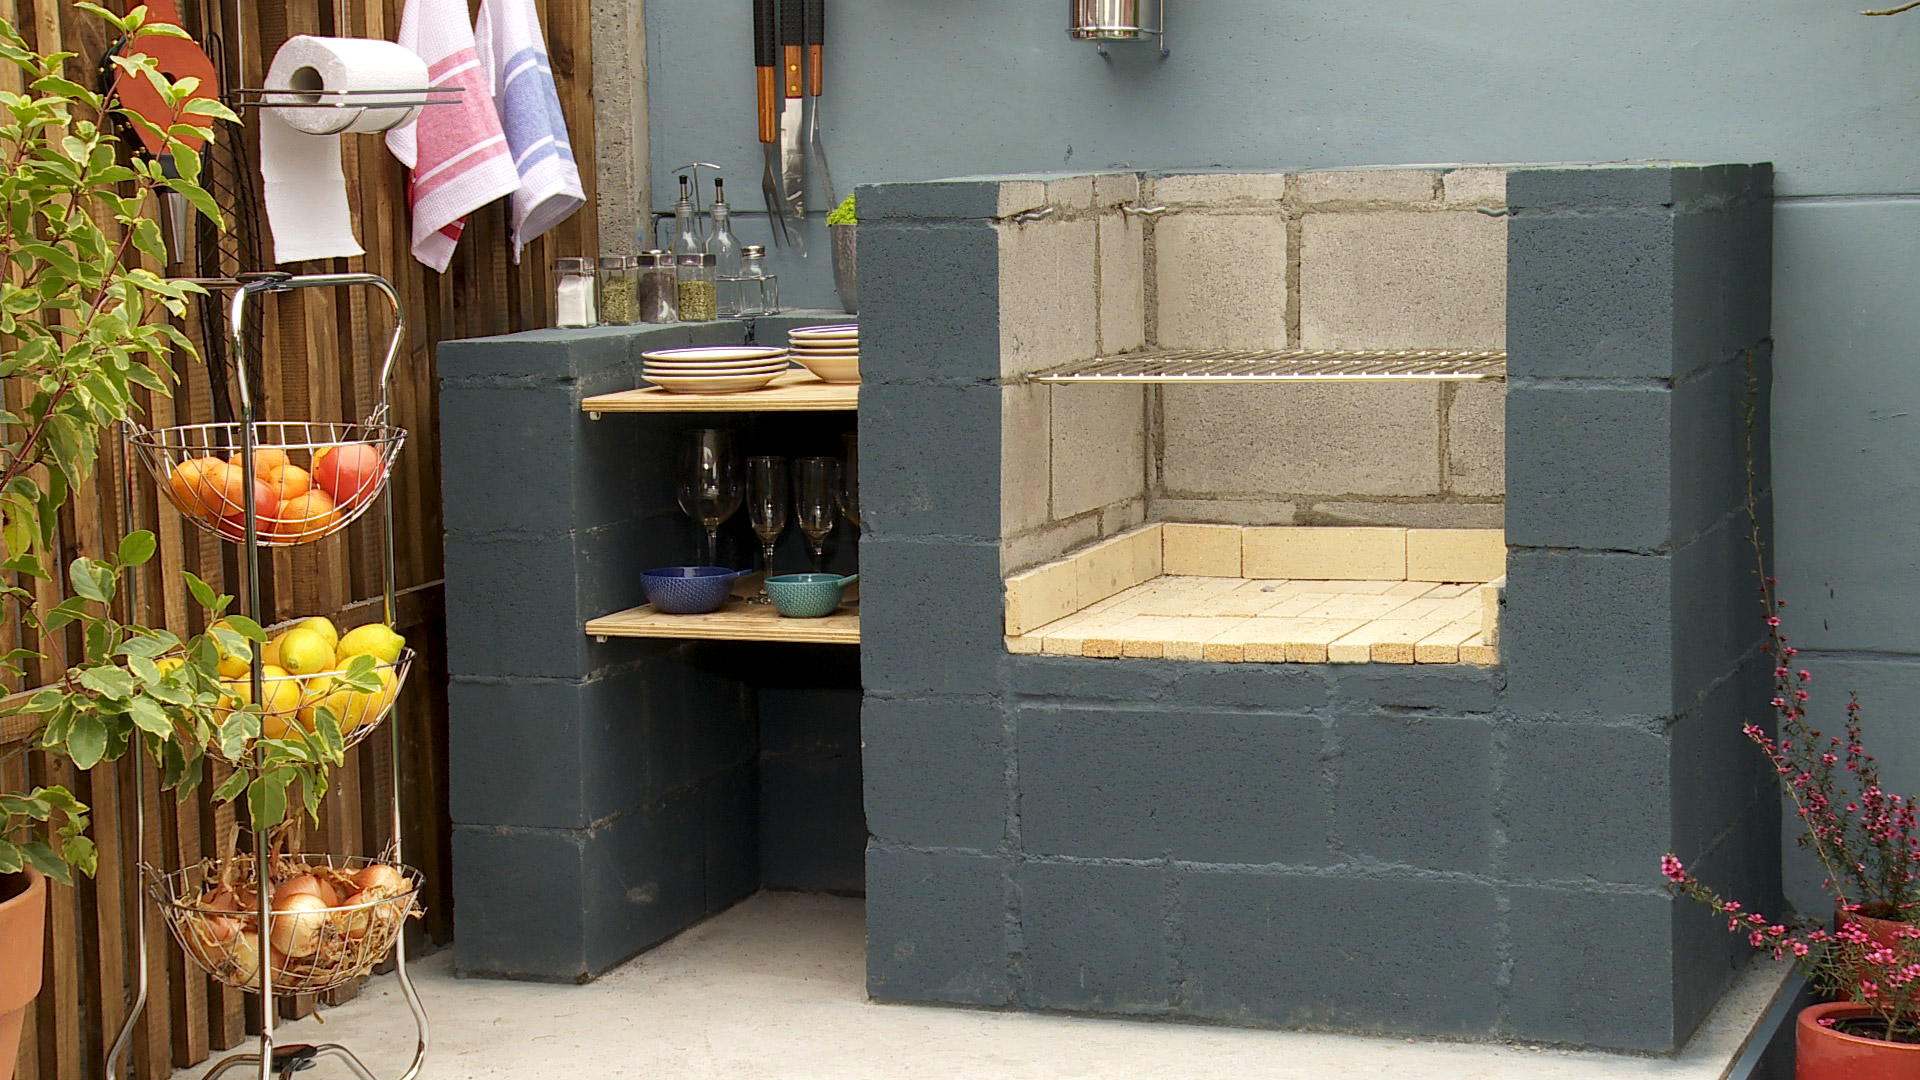 H galo usted mismo c mo hacer un quincho con bloques de concreto - Baldosas de hormigon para jardin ...